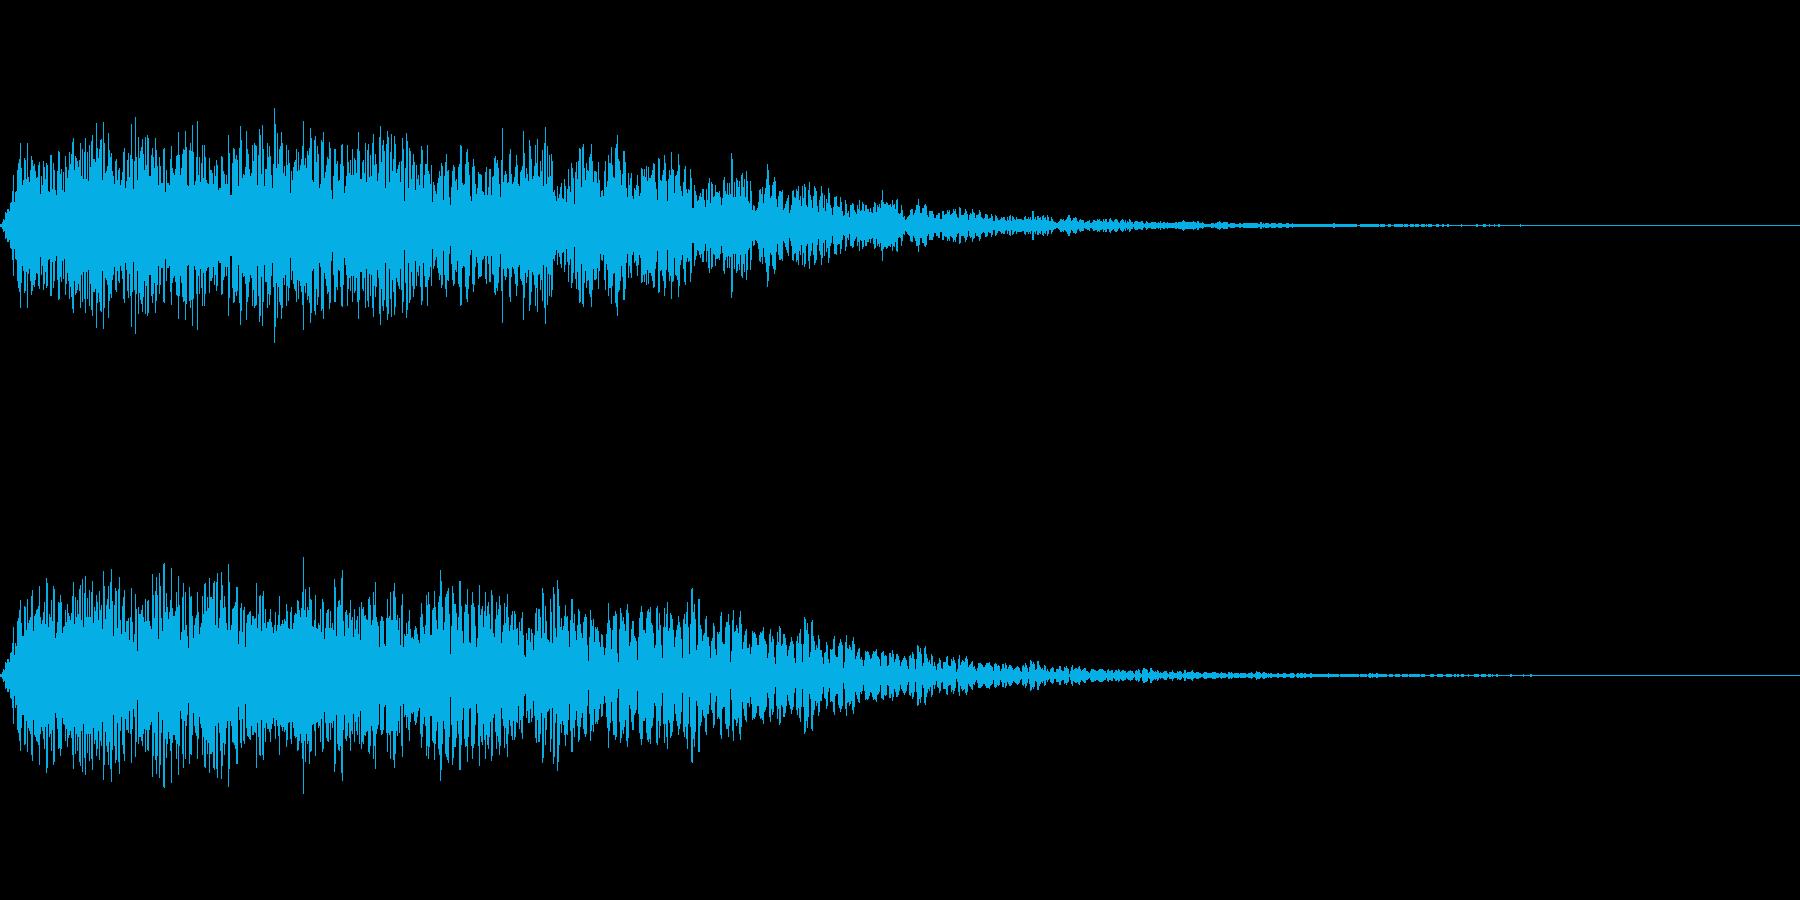 「ポイント」NHKプロフェッショナル風の再生済みの波形